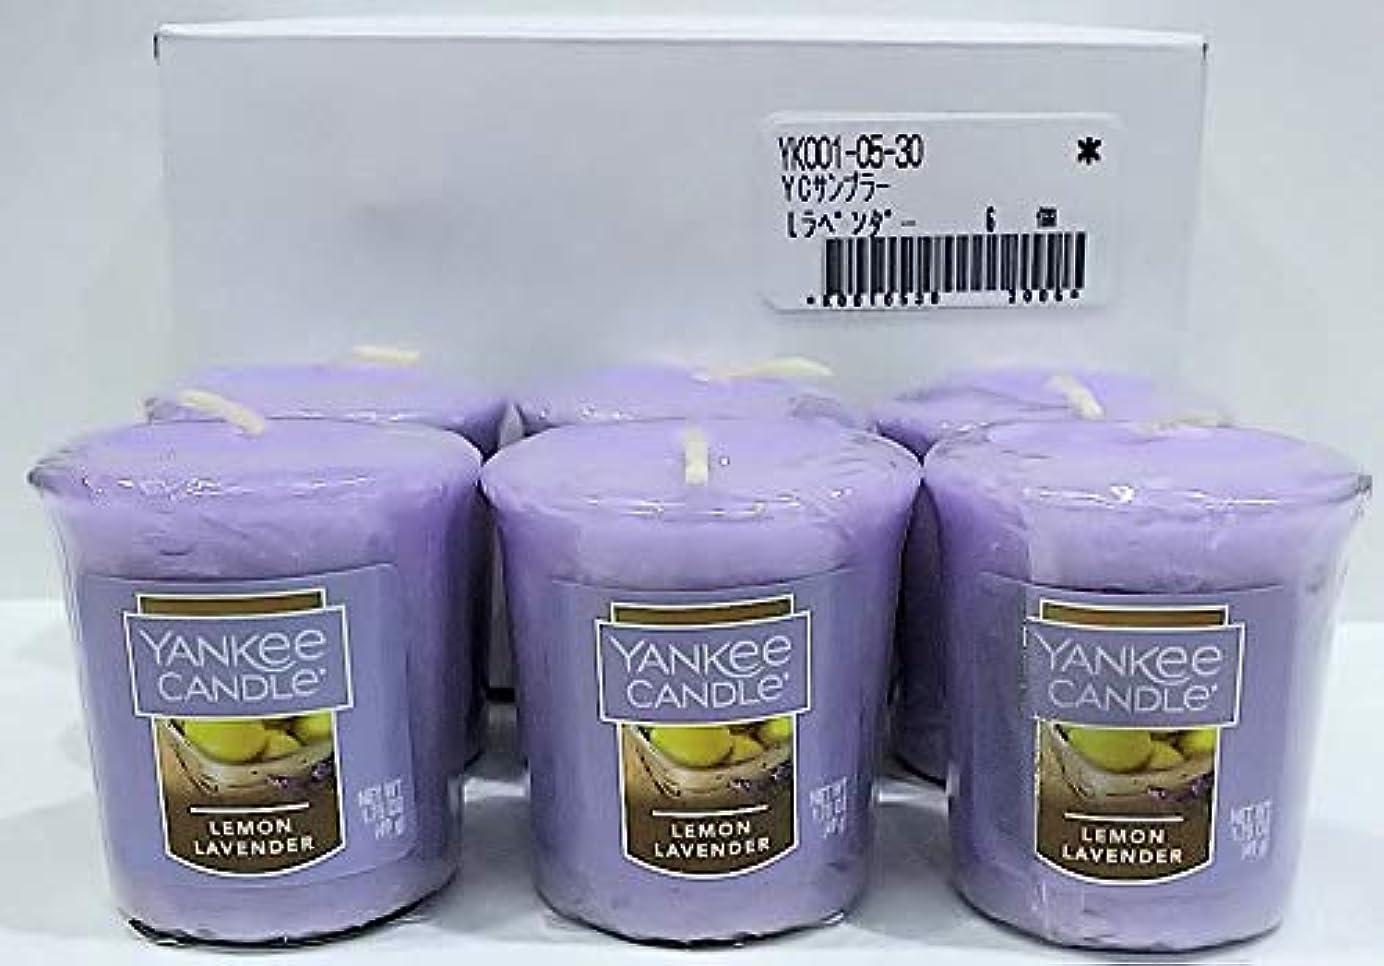 成熟名前解明するヤンキーキャンドル サンプラー お試しサイズ レモンラベンダー 6個セット 燃焼時間約15時間 YANKEECANDLE アメリカ製